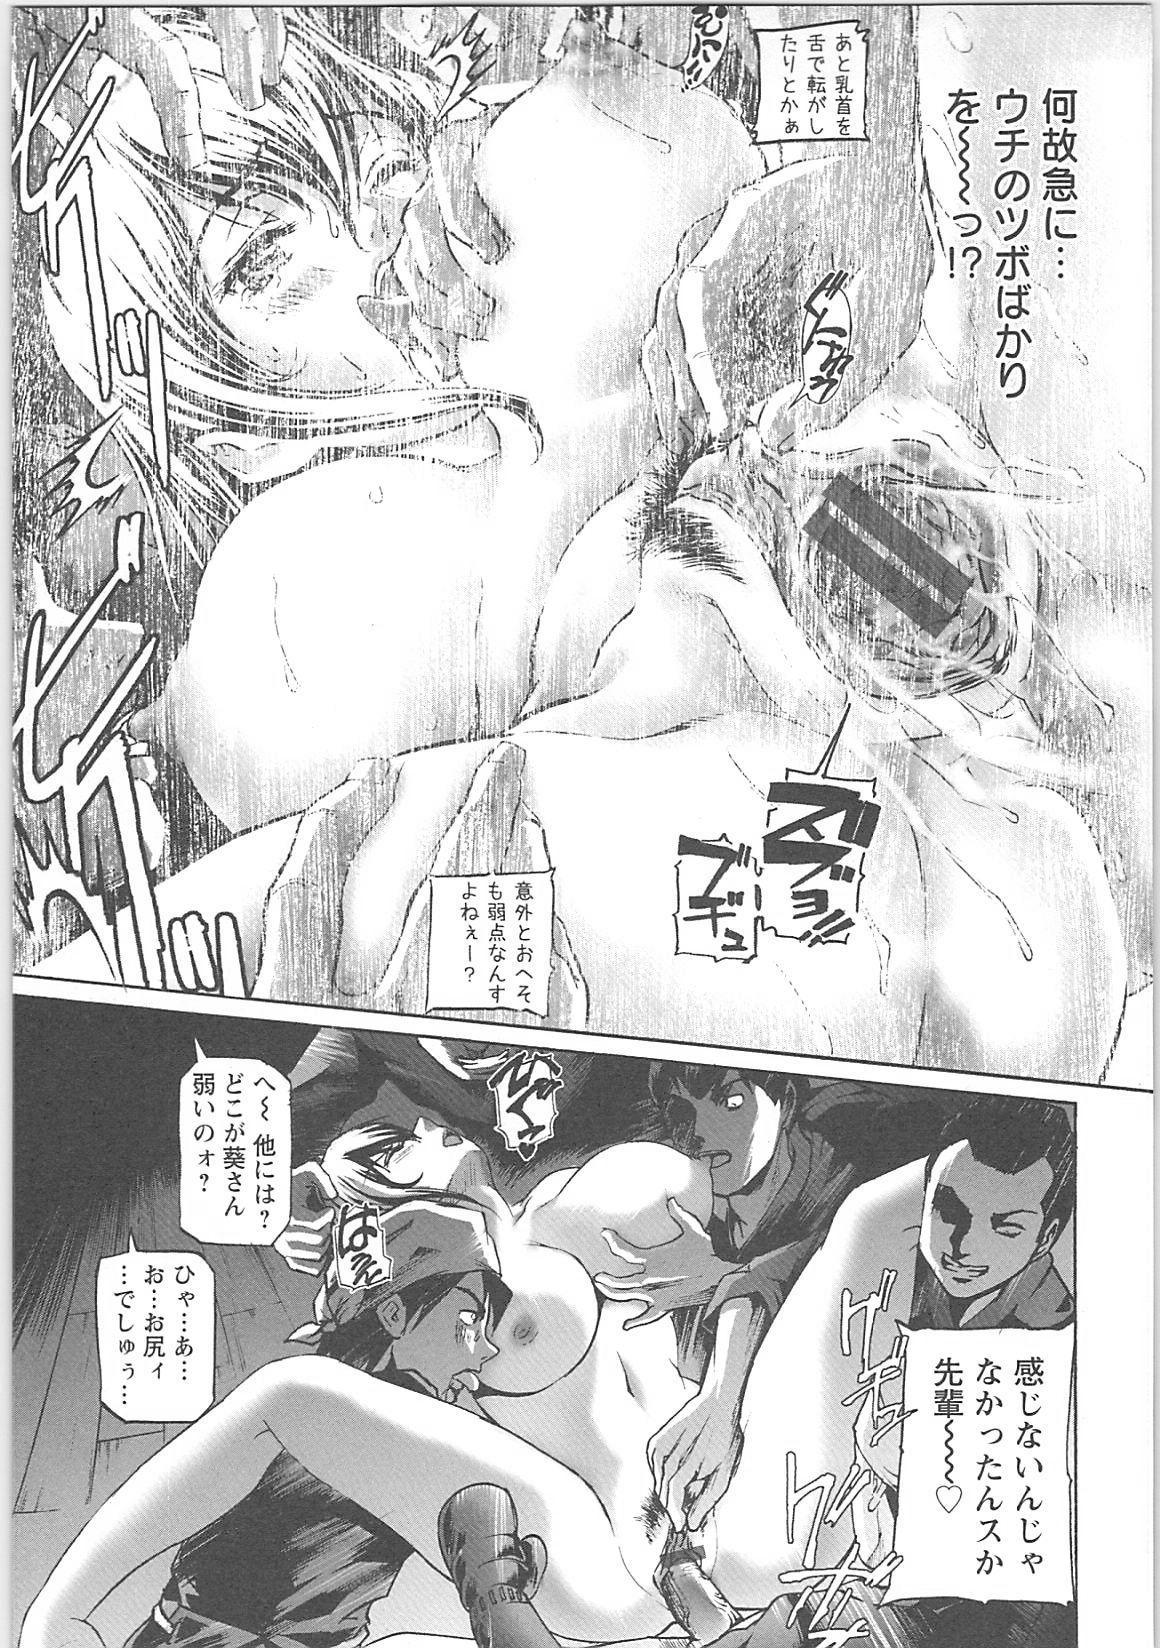 dorei choukyoushi 98